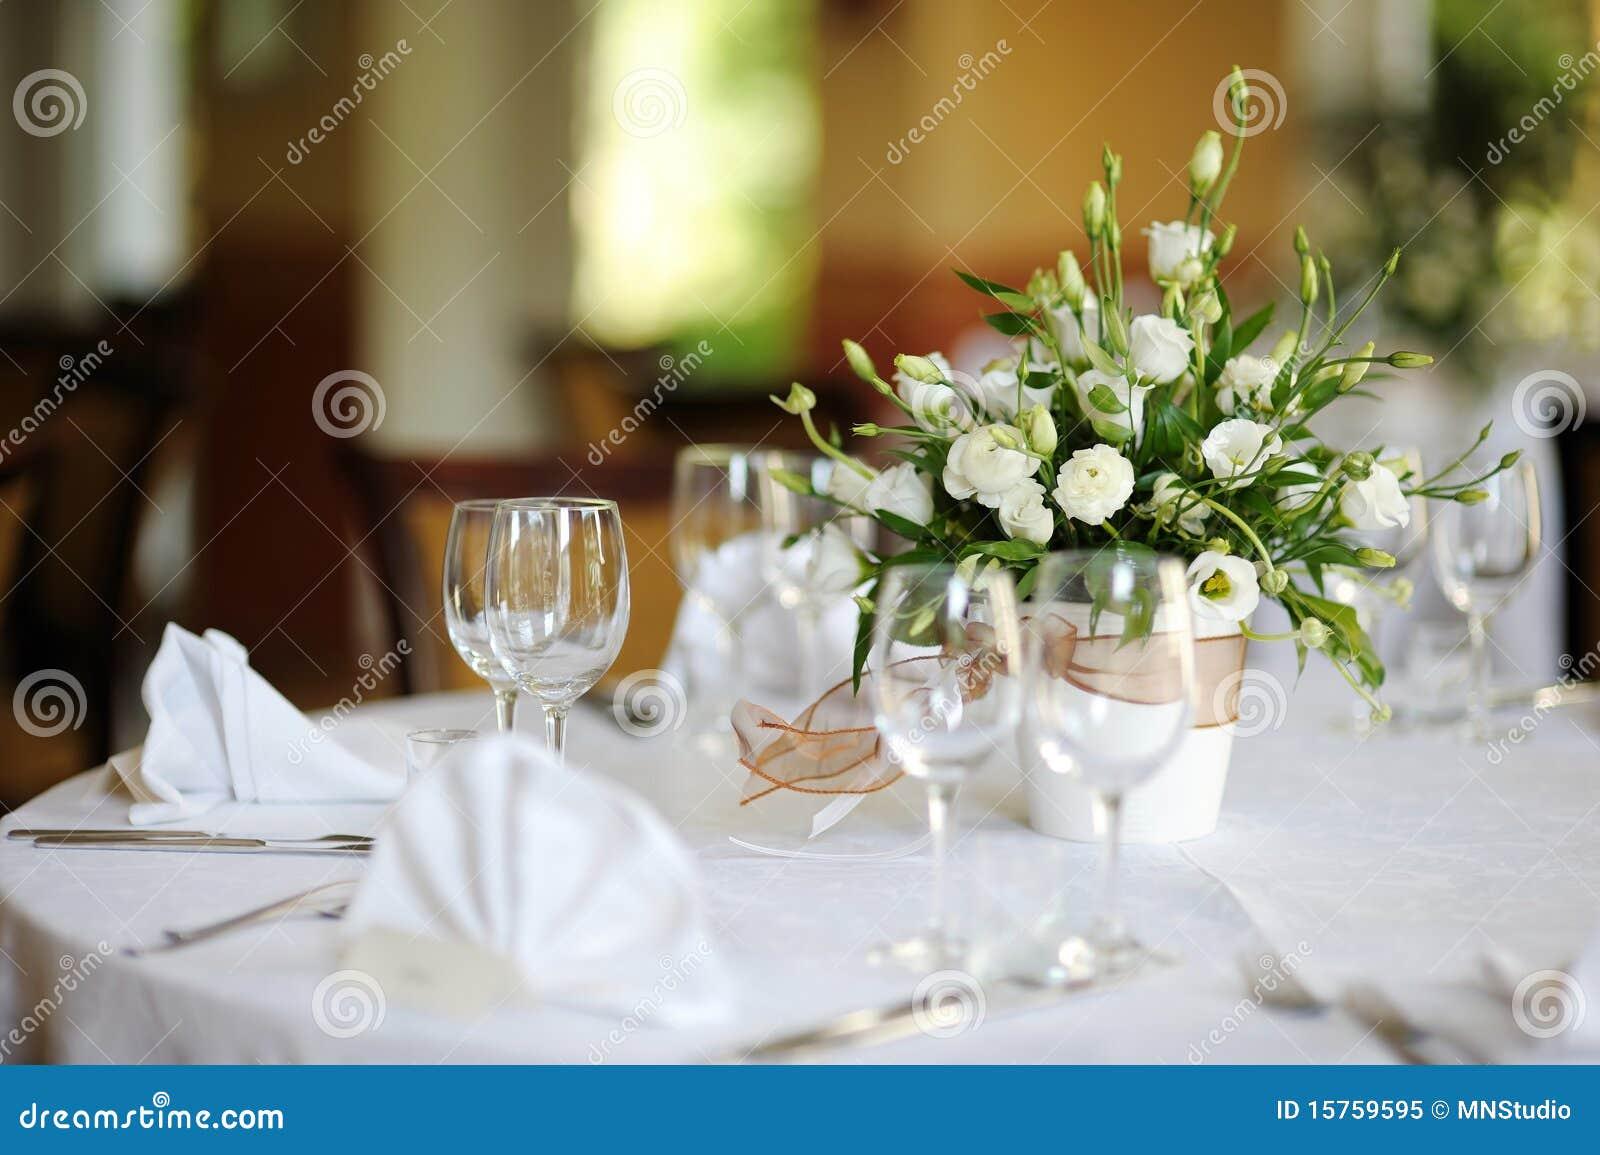 le tableau a plac pour une r ception ou un mariage d 39 v nement image stock image 15759595. Black Bedroom Furniture Sets. Home Design Ideas